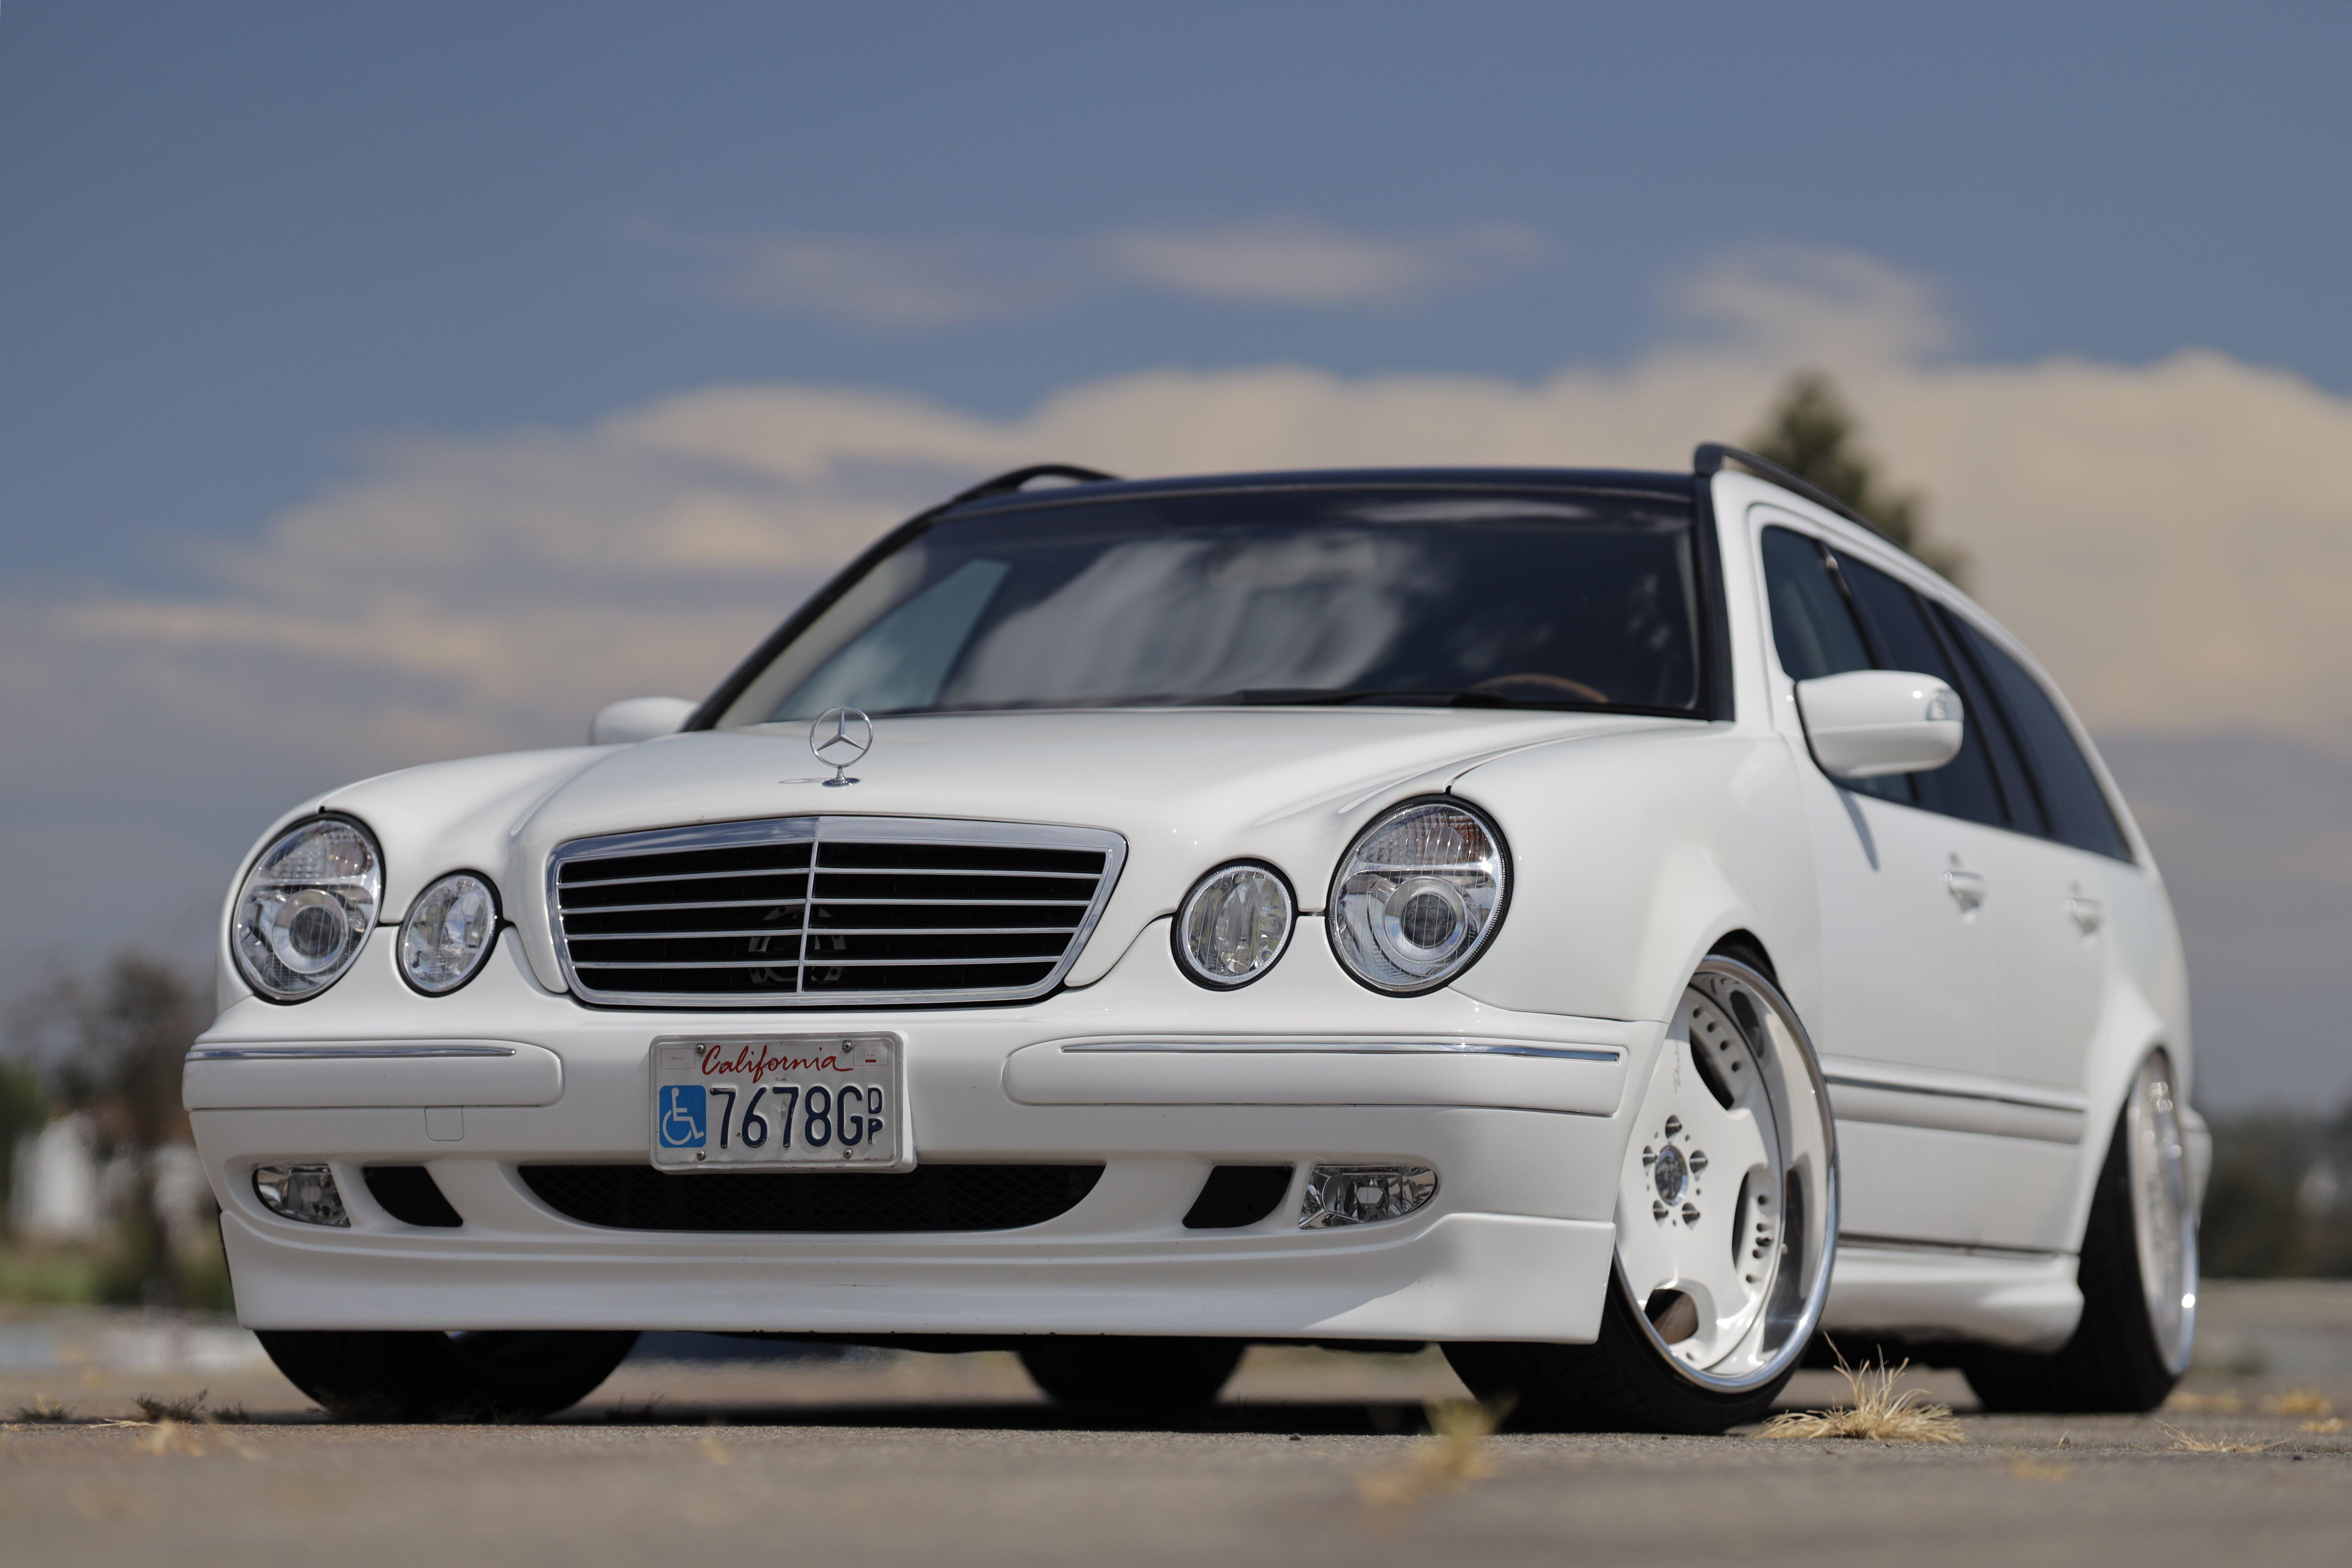 E320 Mercedes-Benz Estate wagon AMG E55 Engine Swap Brabus Wald Duchatelet Bilstein Bosch